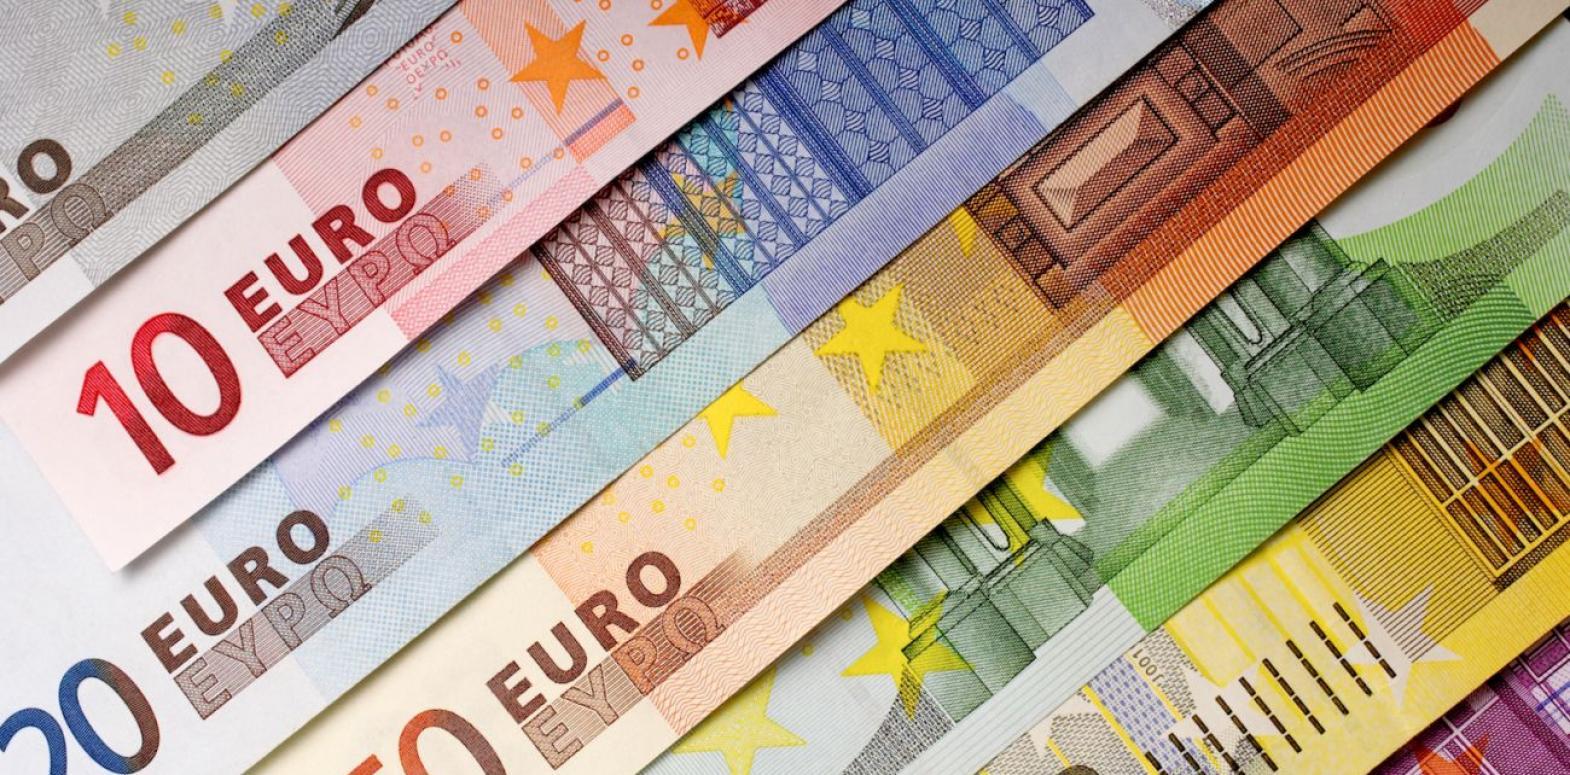 Евро стоит дороже 33 гривен: НБУ установил курс на 12 апреля